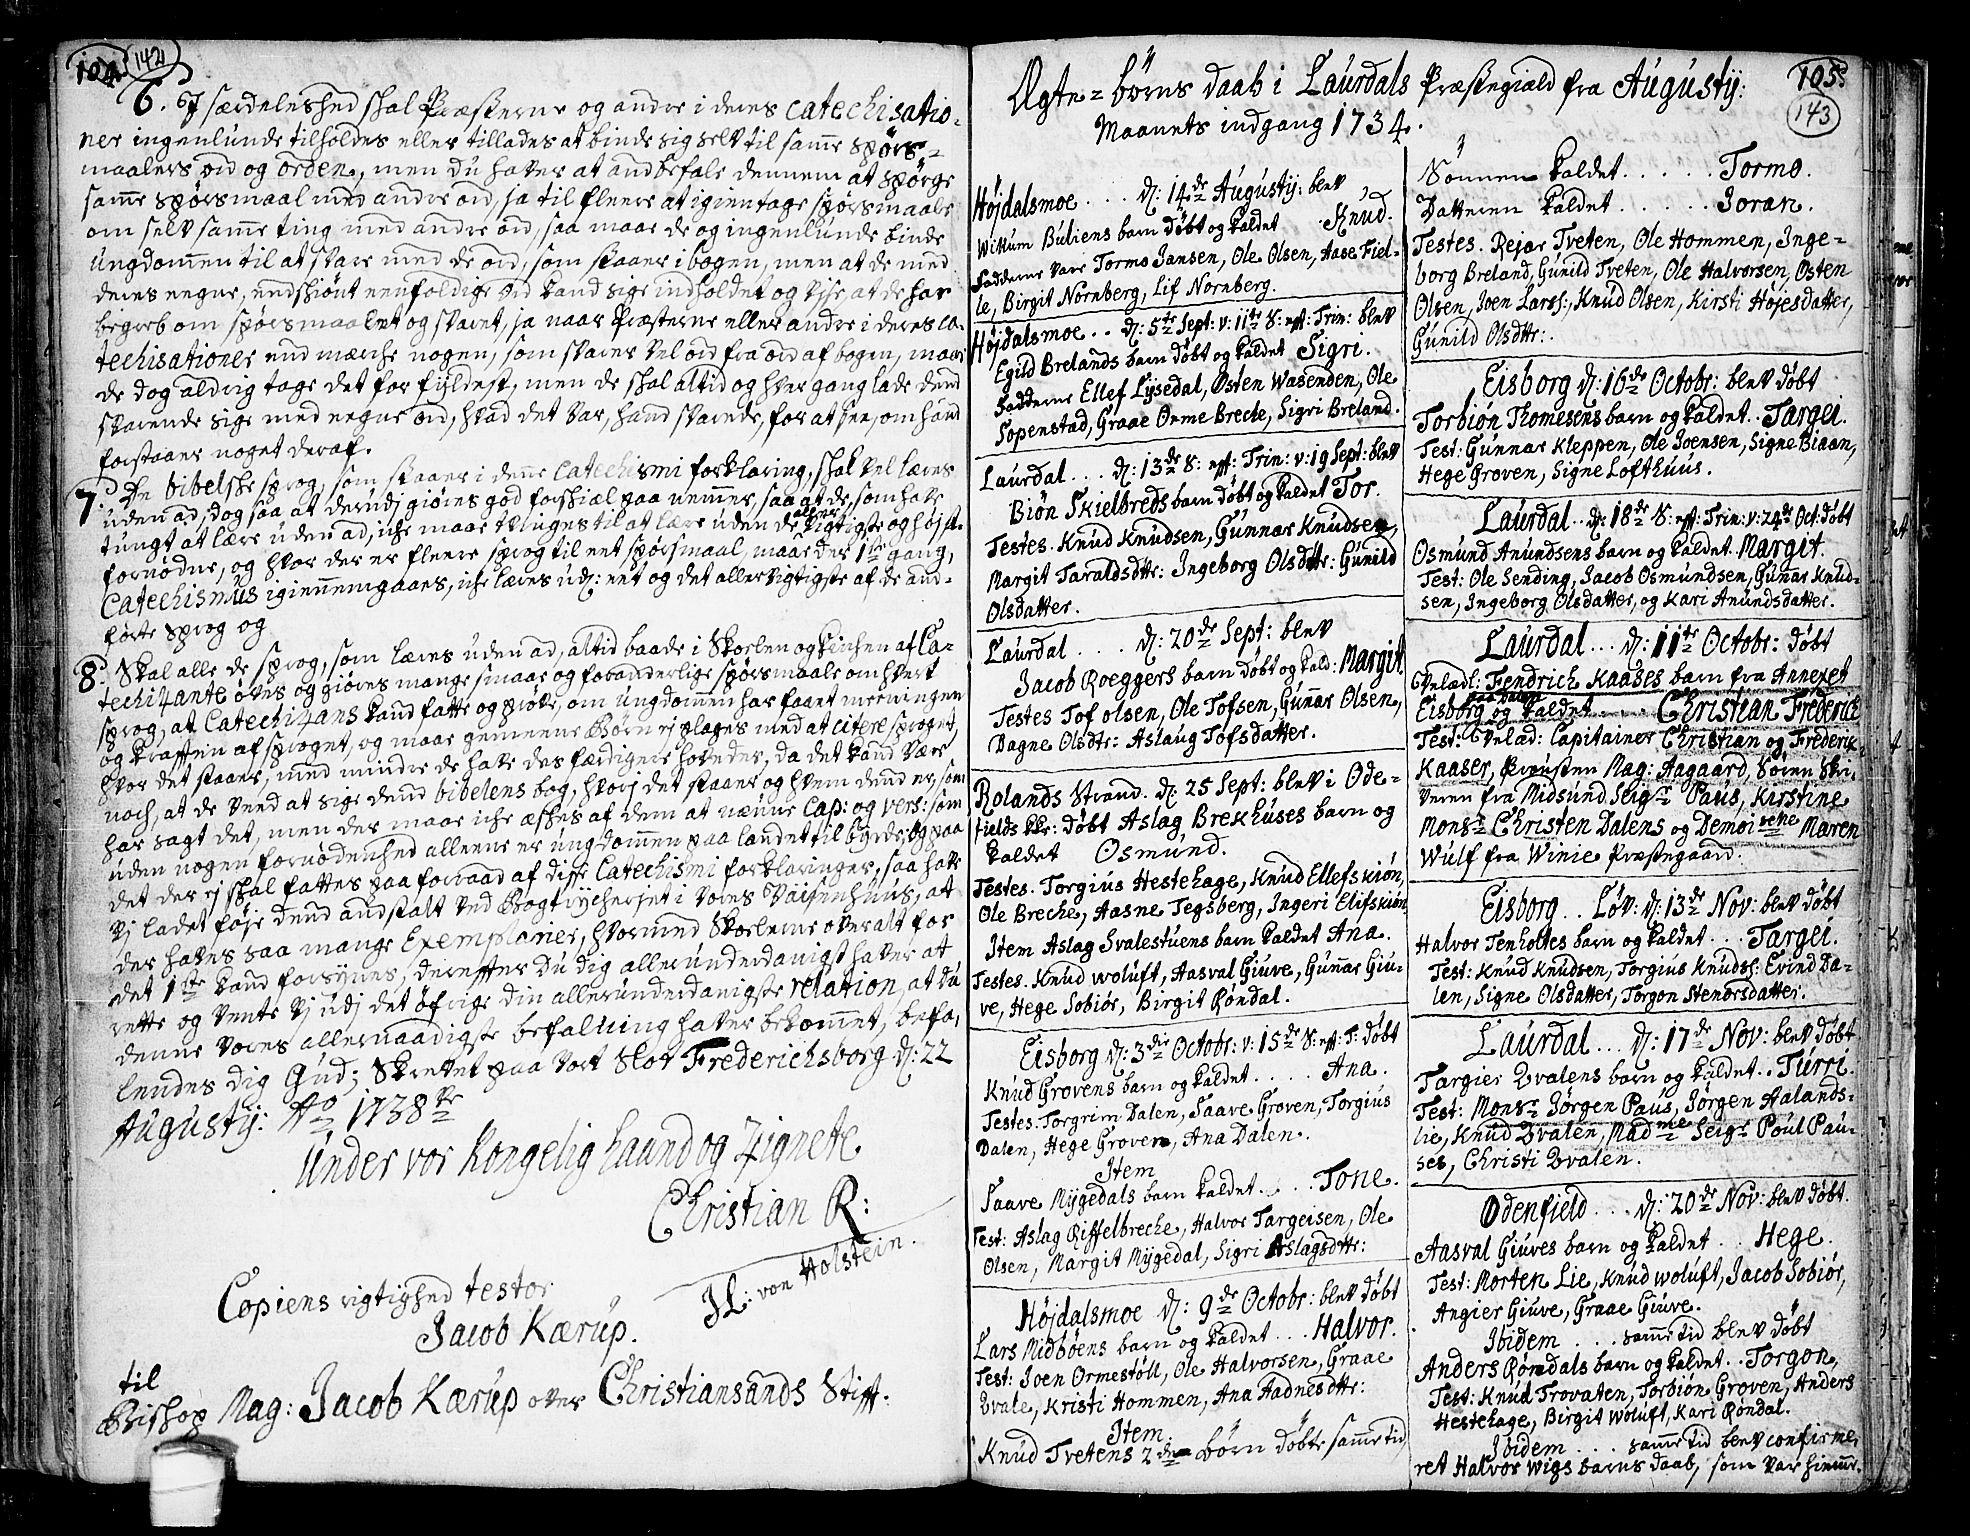 SAKO, Lårdal kirkebøker, F/Fa/L0002: Ministerialbok nr. I 2, 1734-1754, s. 142-143